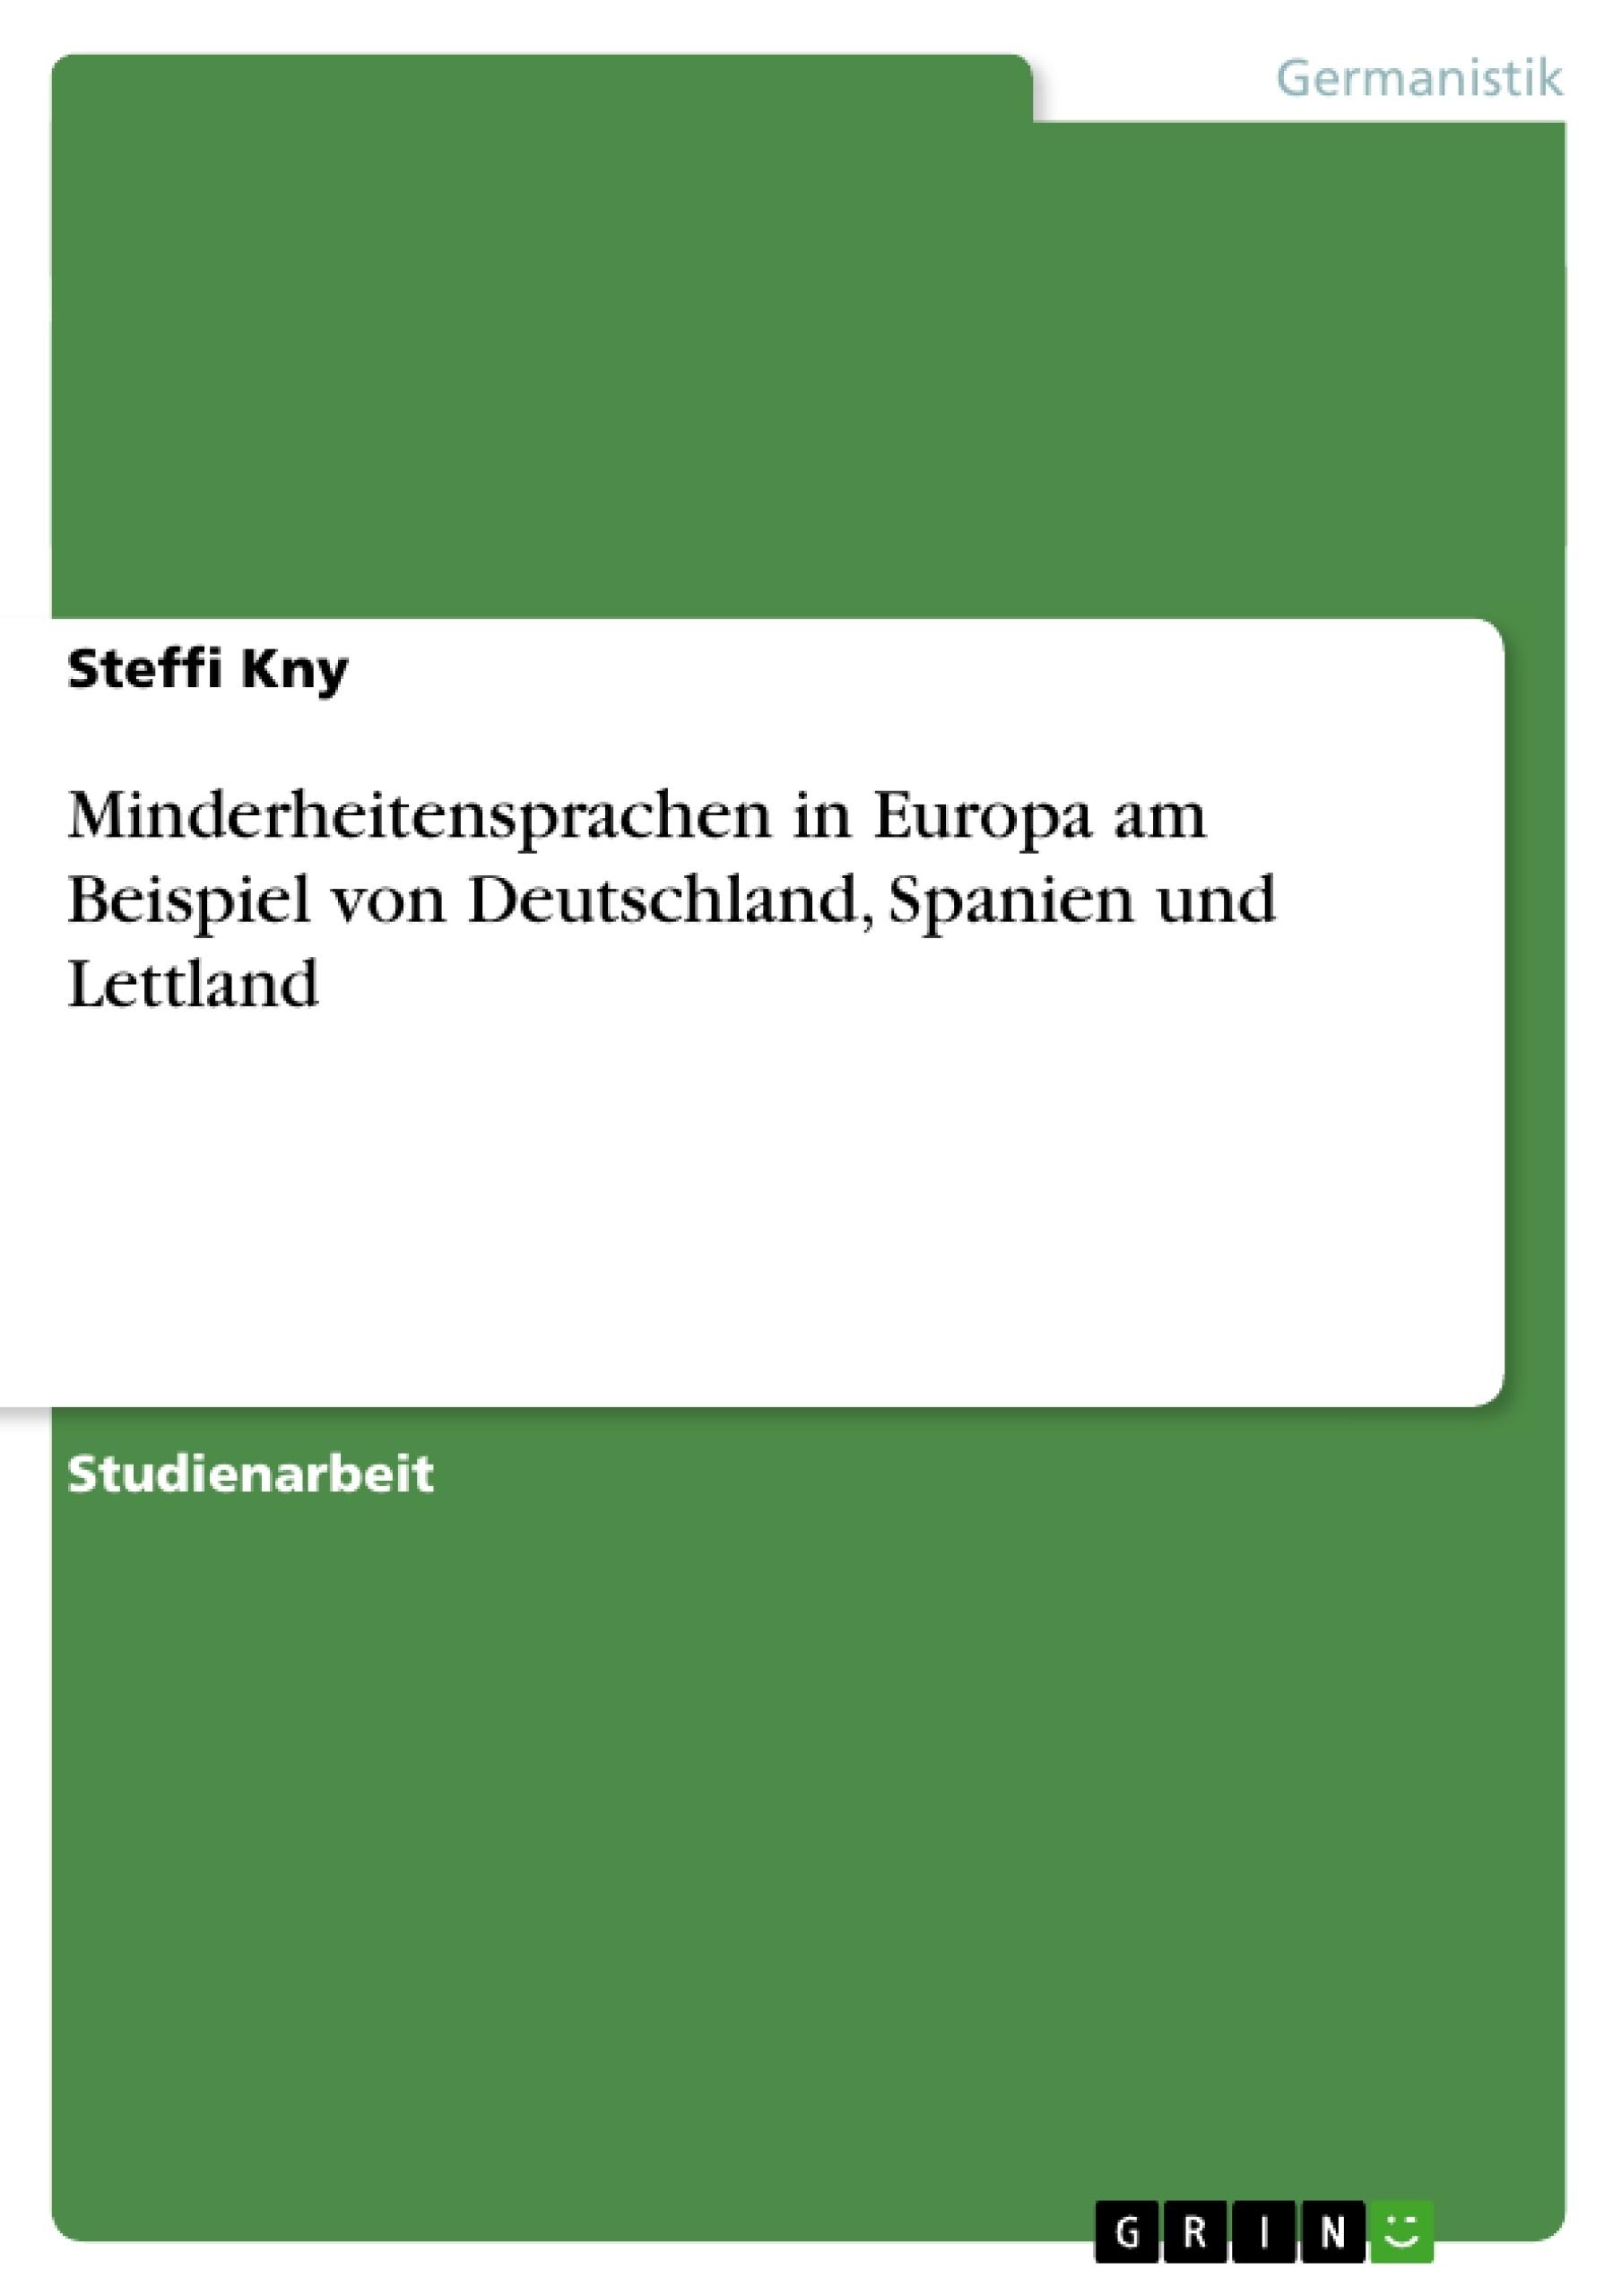 Titel: Minderheitensprachen in Europa am Beispiel von Deutschland, Spanien und Lettland